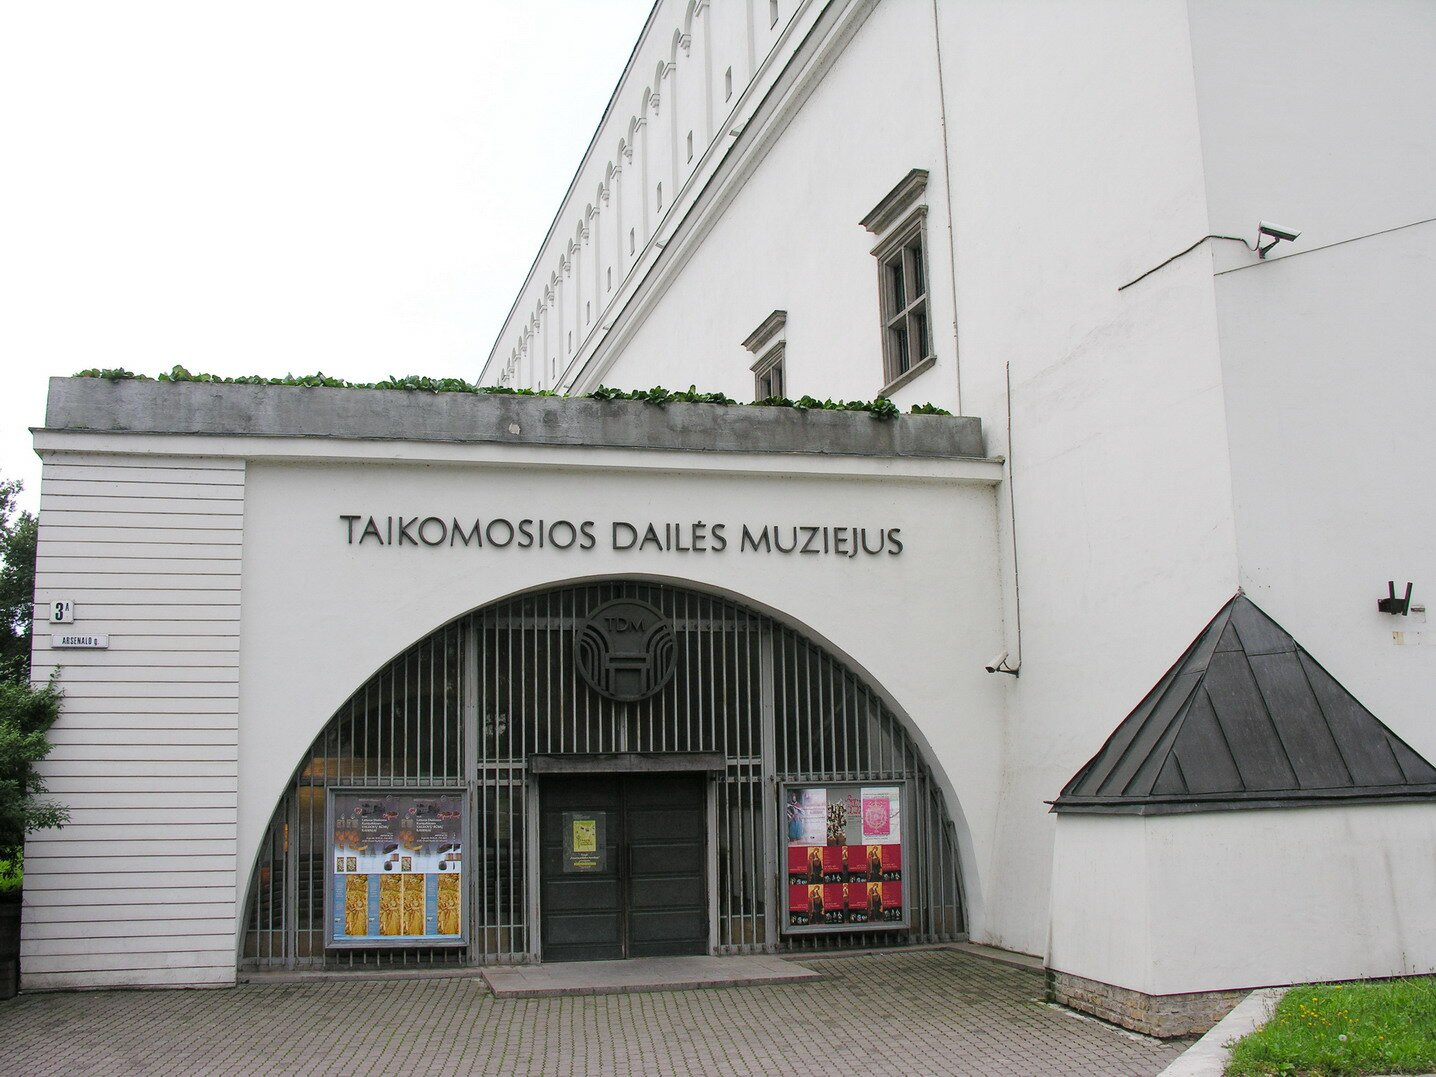 Taikomosios dailės muziejus darbo laikas